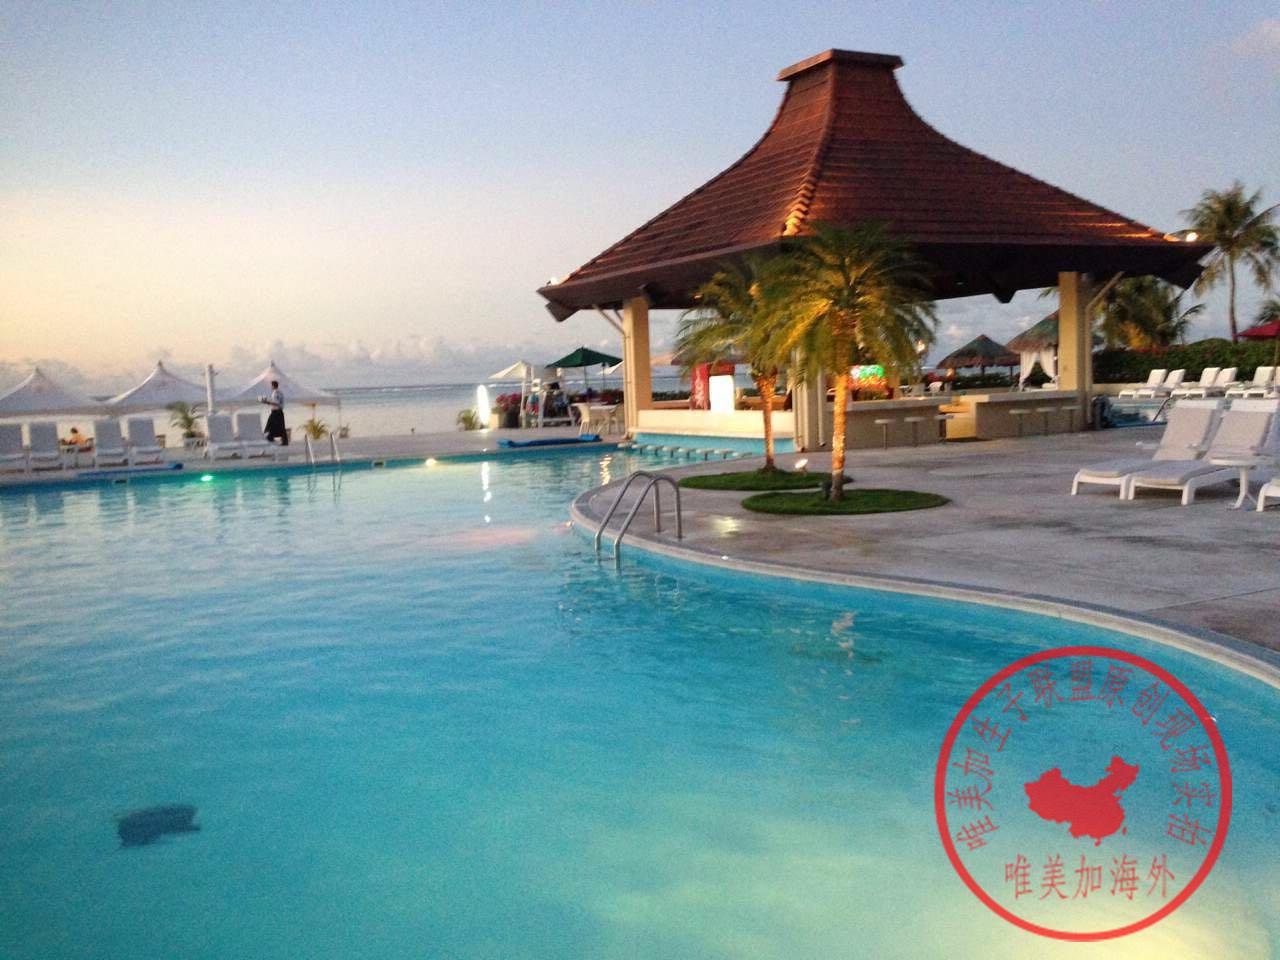 塞班岛生子中心外景露天游泳